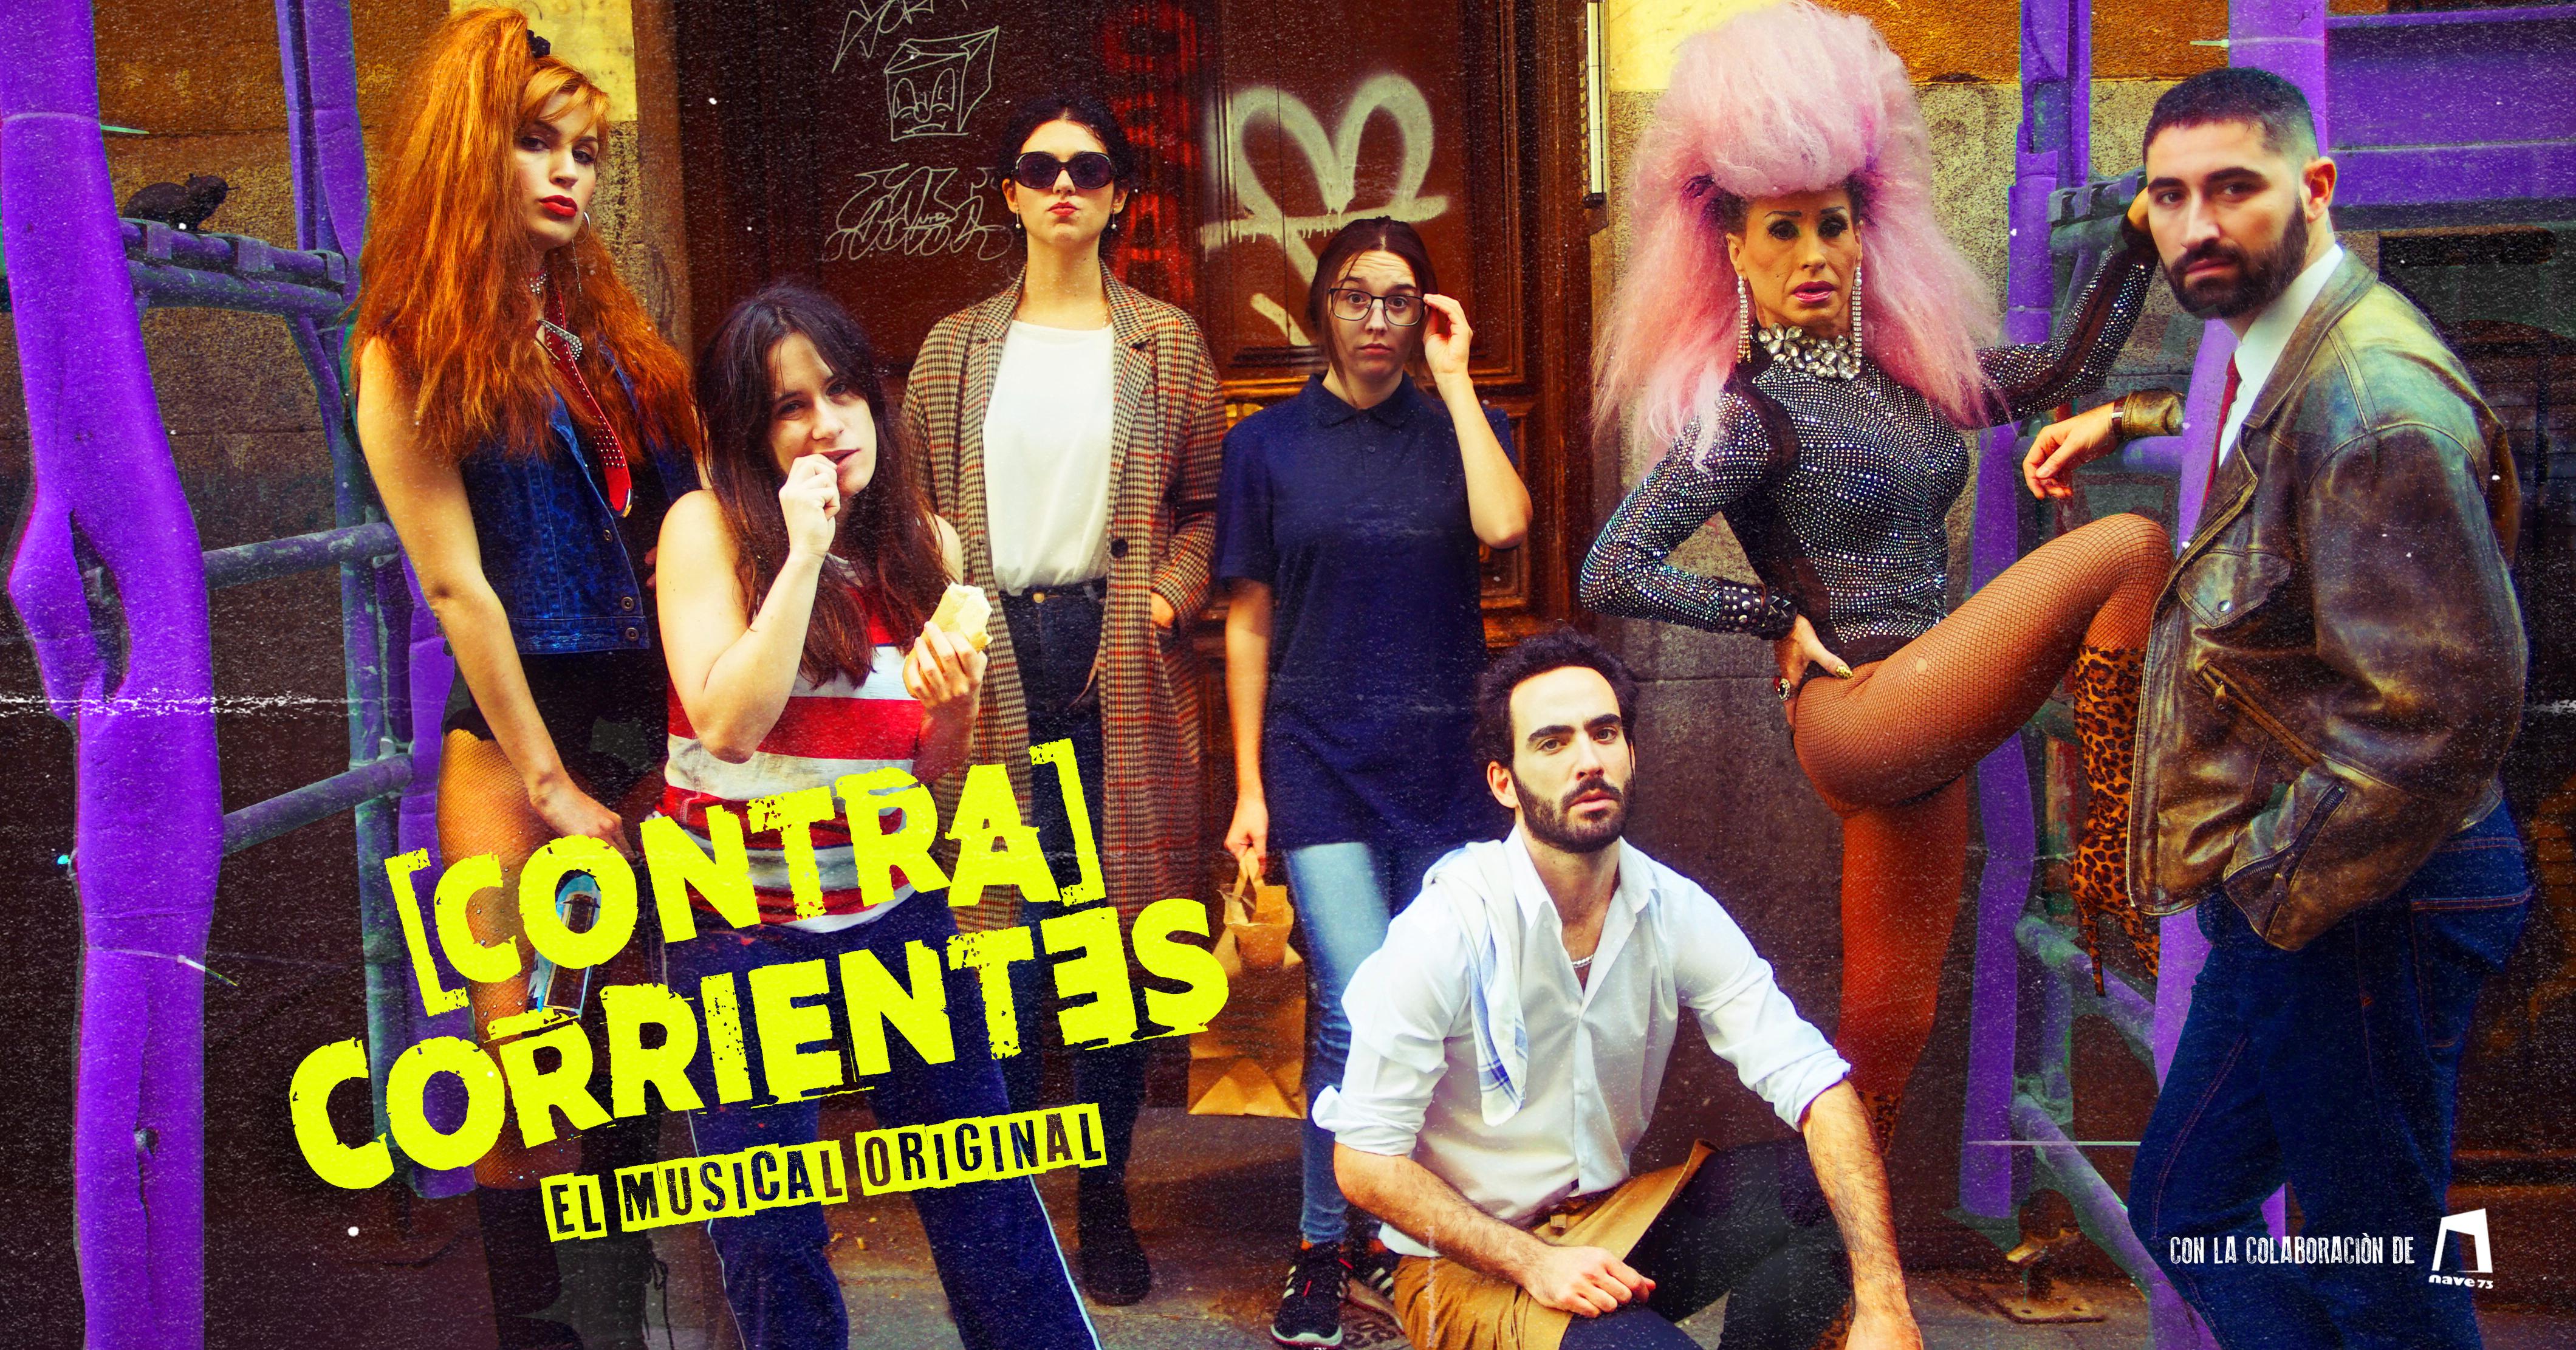 Contra Corrientes